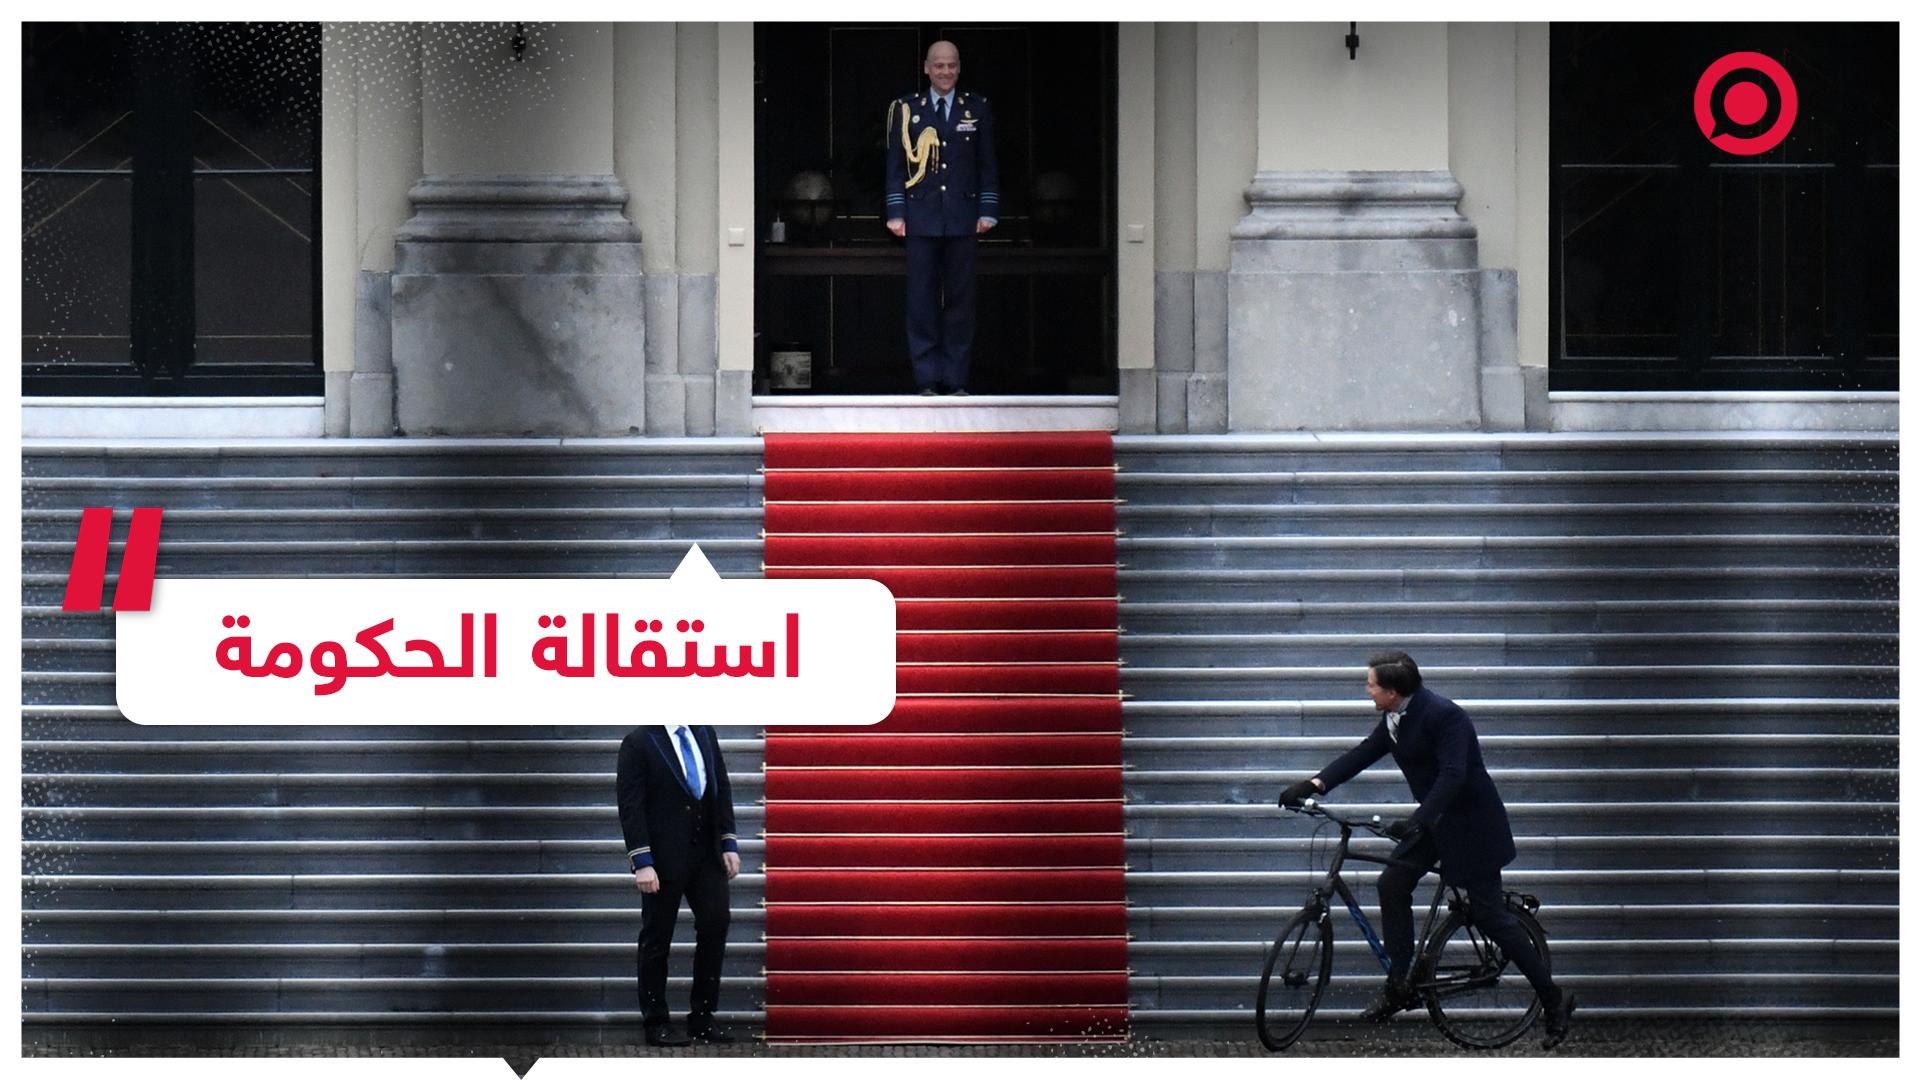 استقالة الحكومة الهولندية بسبب